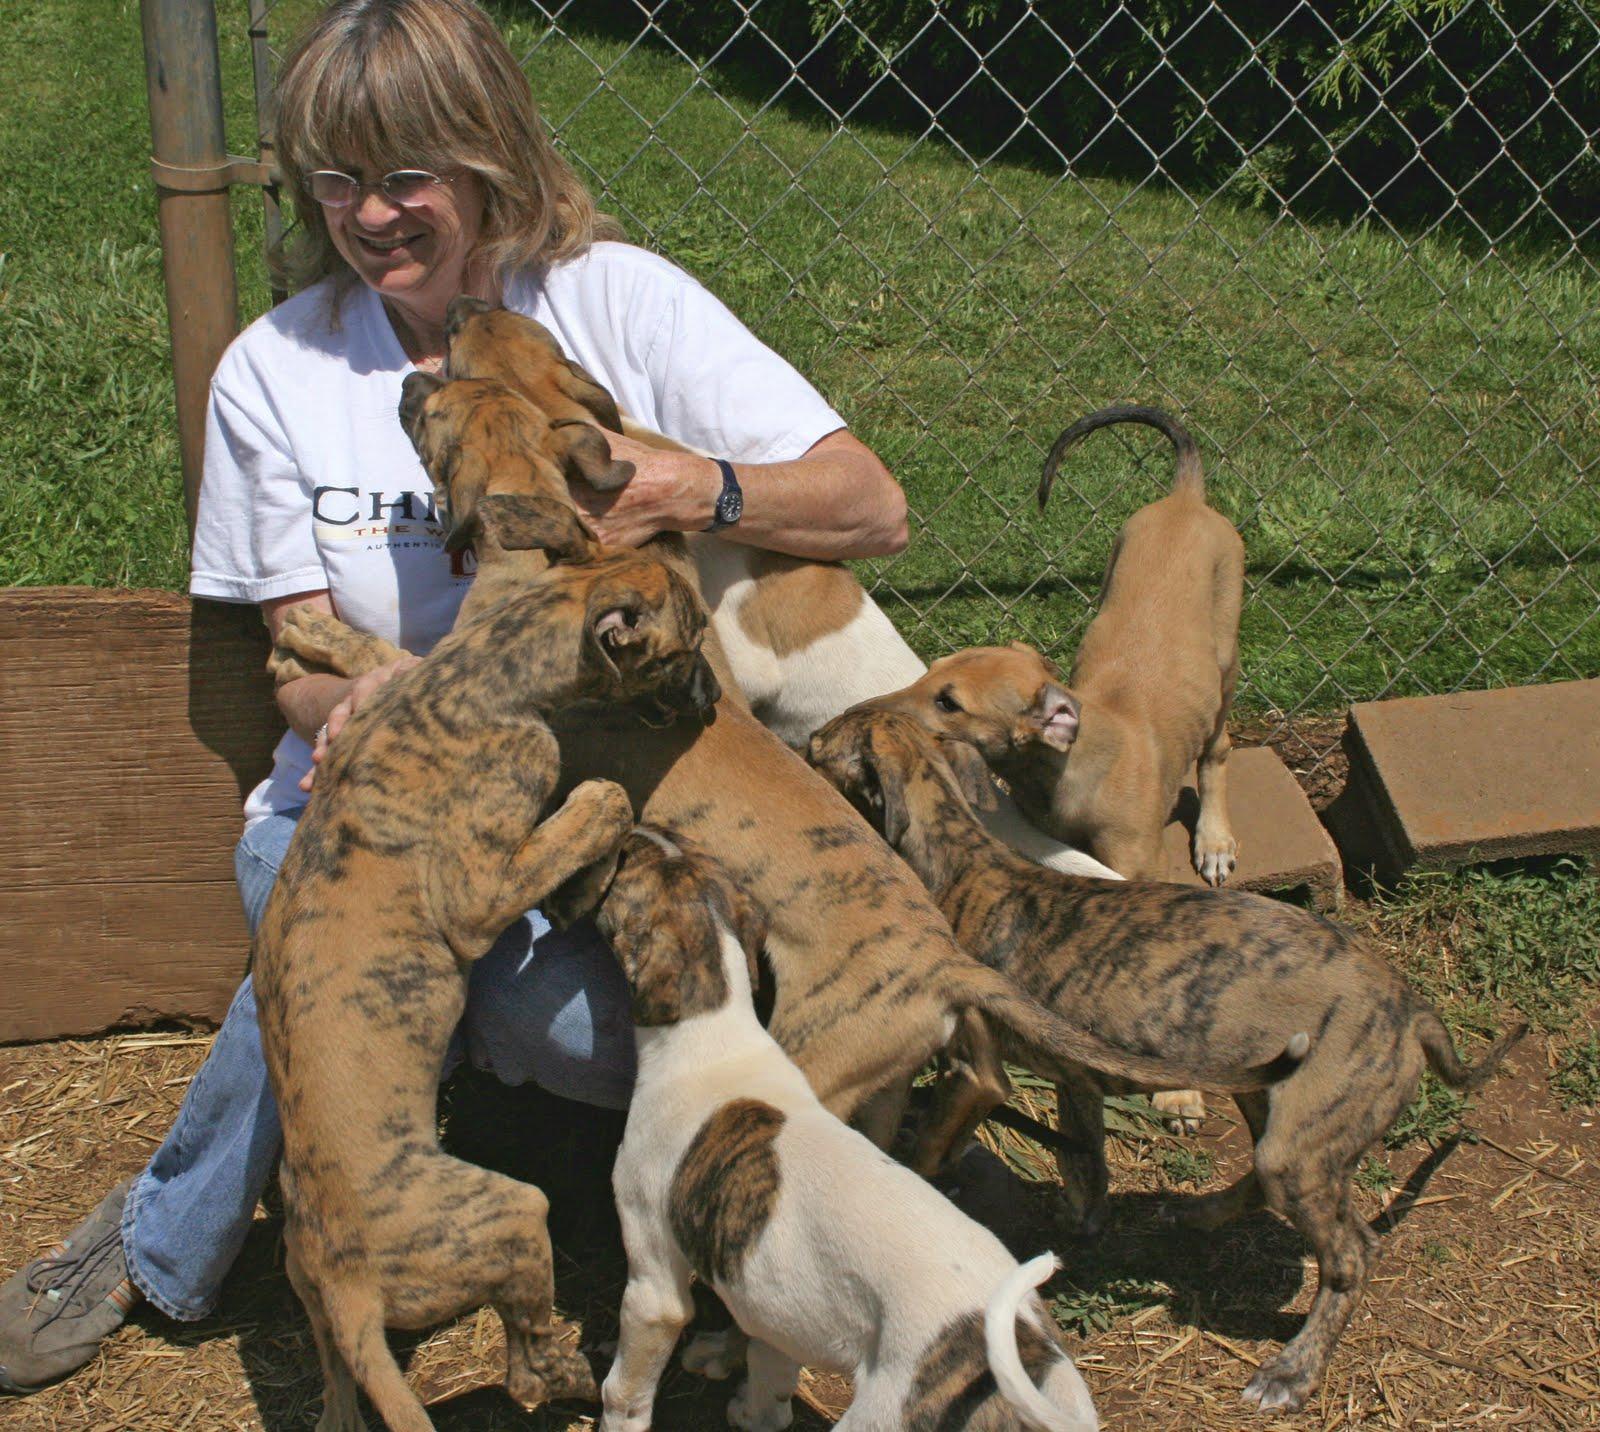 Oregon Greyhound Adoption Hound Chatter: PUPPIES GROW UP